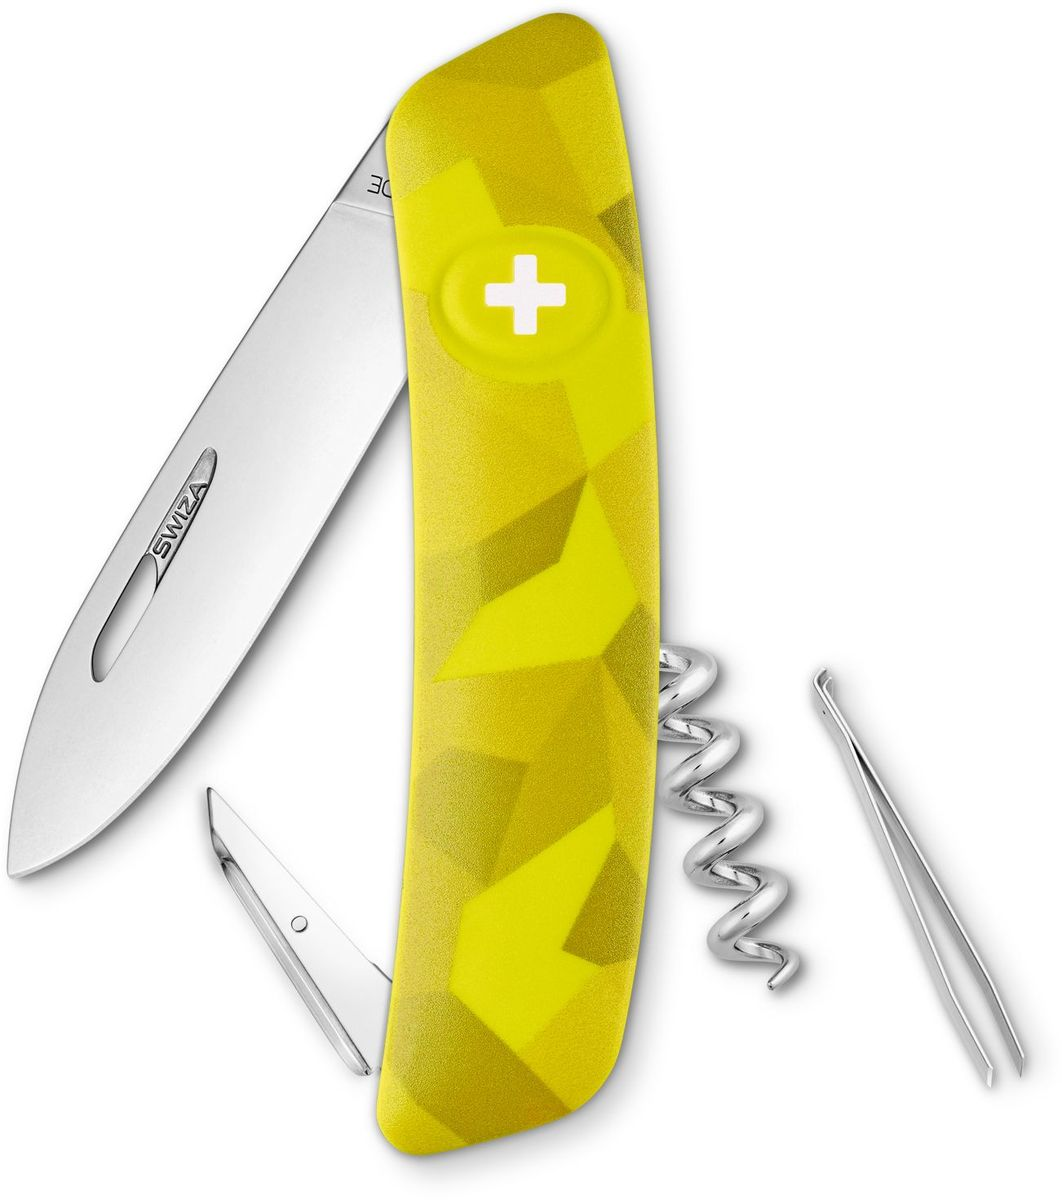 Нож швейцарский SWIZA C01, цвет: желтый, длина клинка 7,5 см1301210 Швейцарский нож (SWIZA С01) с его революционной формой и безопасной рукояткой, легко раскладываемой ручкой - самый удобный и простой в использовании швейцарский нож на все времена. Эргономично изогнутая форма ножа обеспечивает более легкий доступ к инструментам, а пазы позволяют легко их открывать, как левой, так и правой рукой. Пожизненная гаратния на ножи SWIZA обеспечивают долговременное использование1. нож перочинный ,2. штопор, 3. ример/дырокол4. шило, 5. безопасная блокировка лезвий,6. пинцет